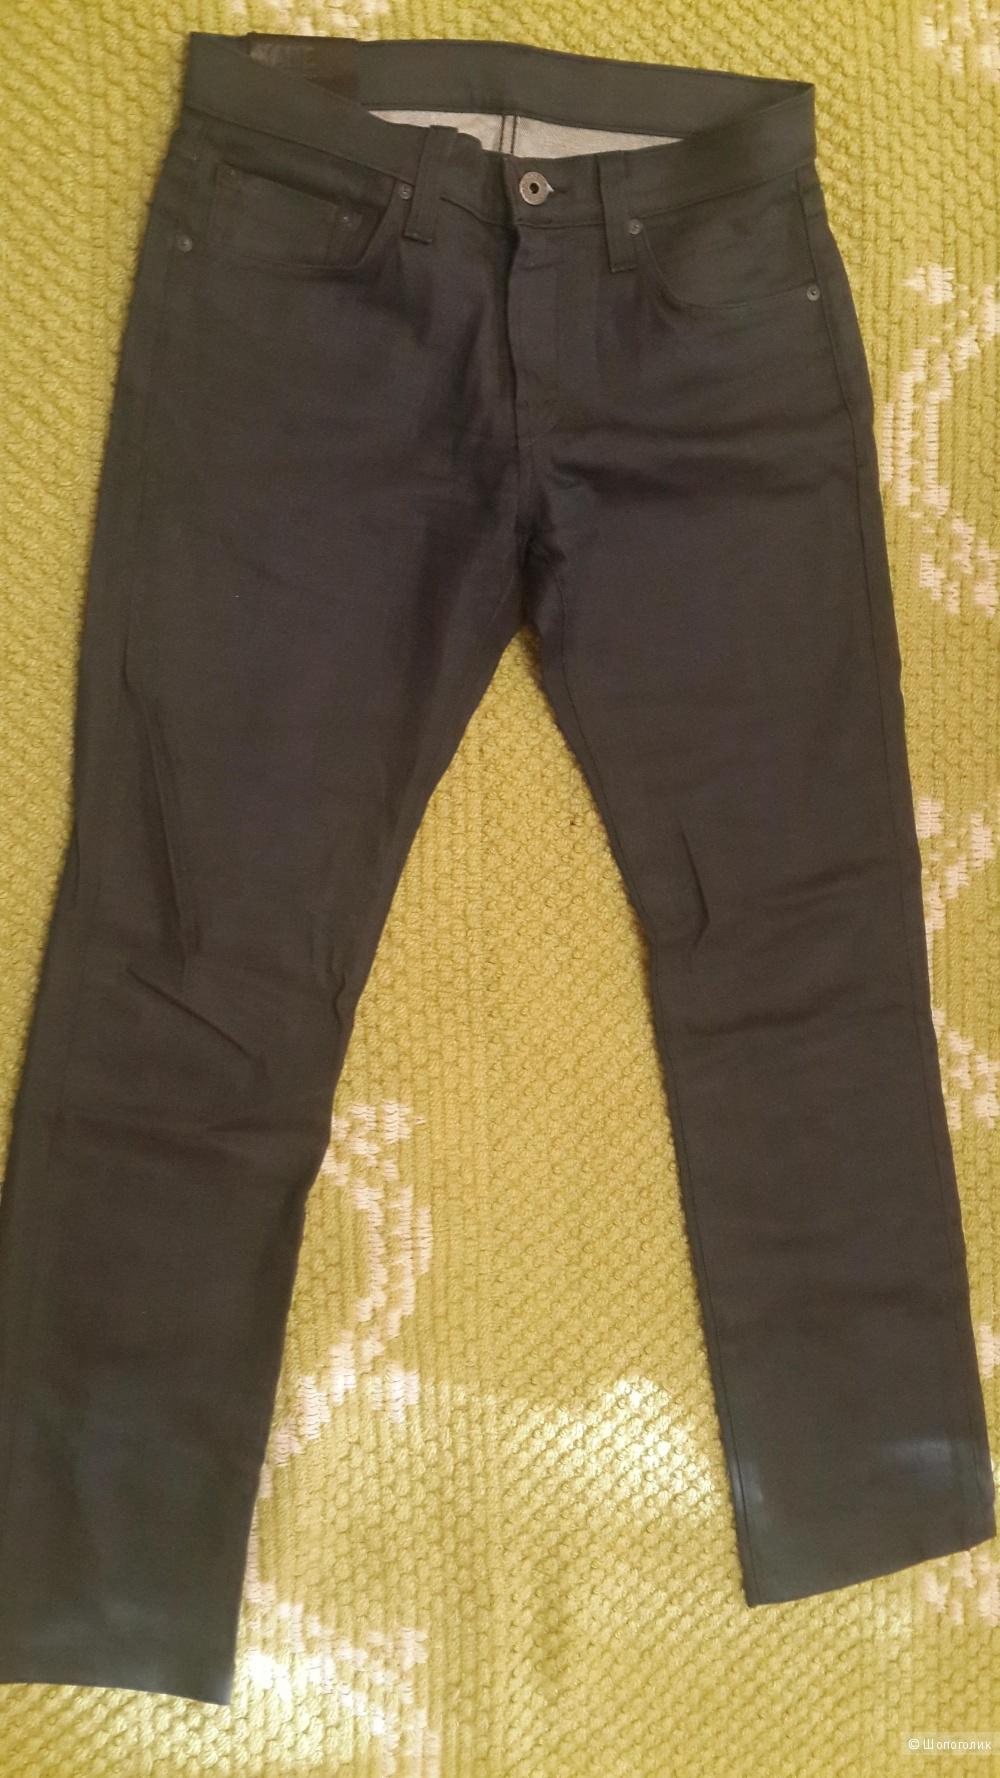 Новые мужские джинсы jbrand, размер 30